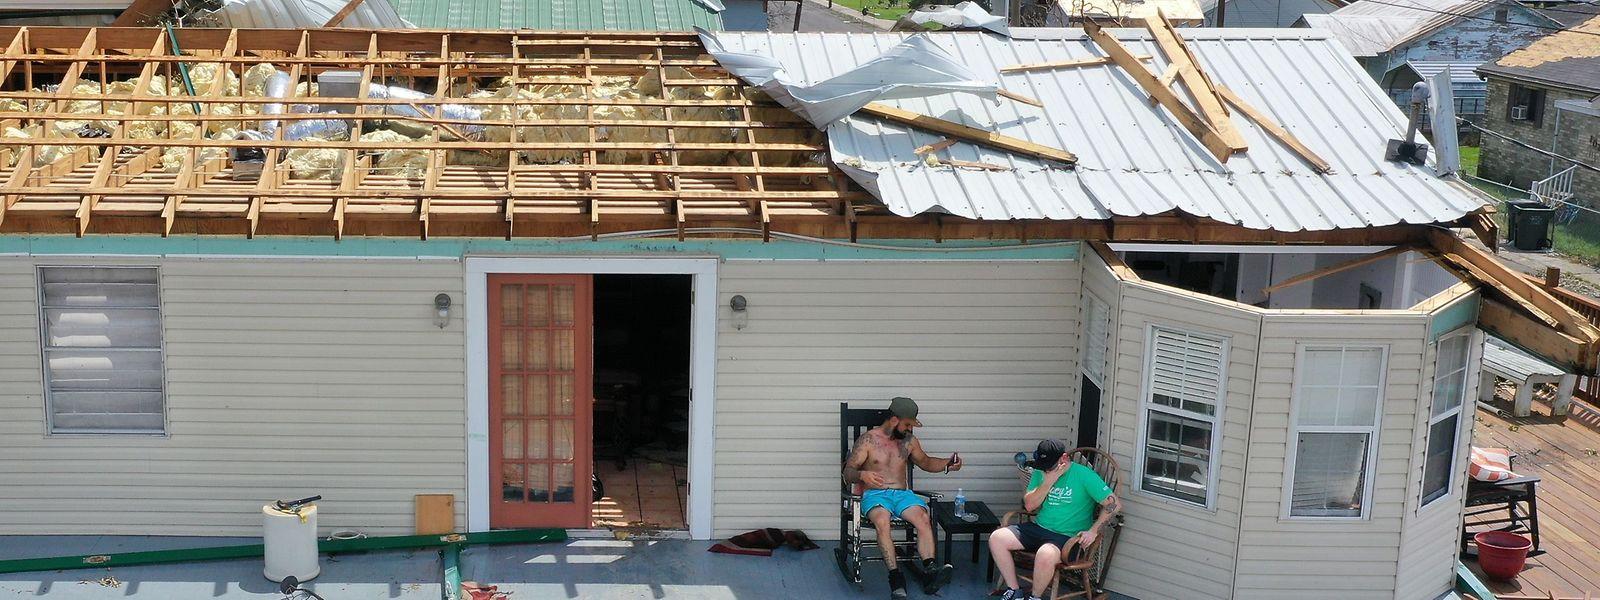 """Abgedeckte Häuser waren dieser Tage in Louisiana allenthalben zu sehen, nachdem """"Ida"""" durchgefegt war."""